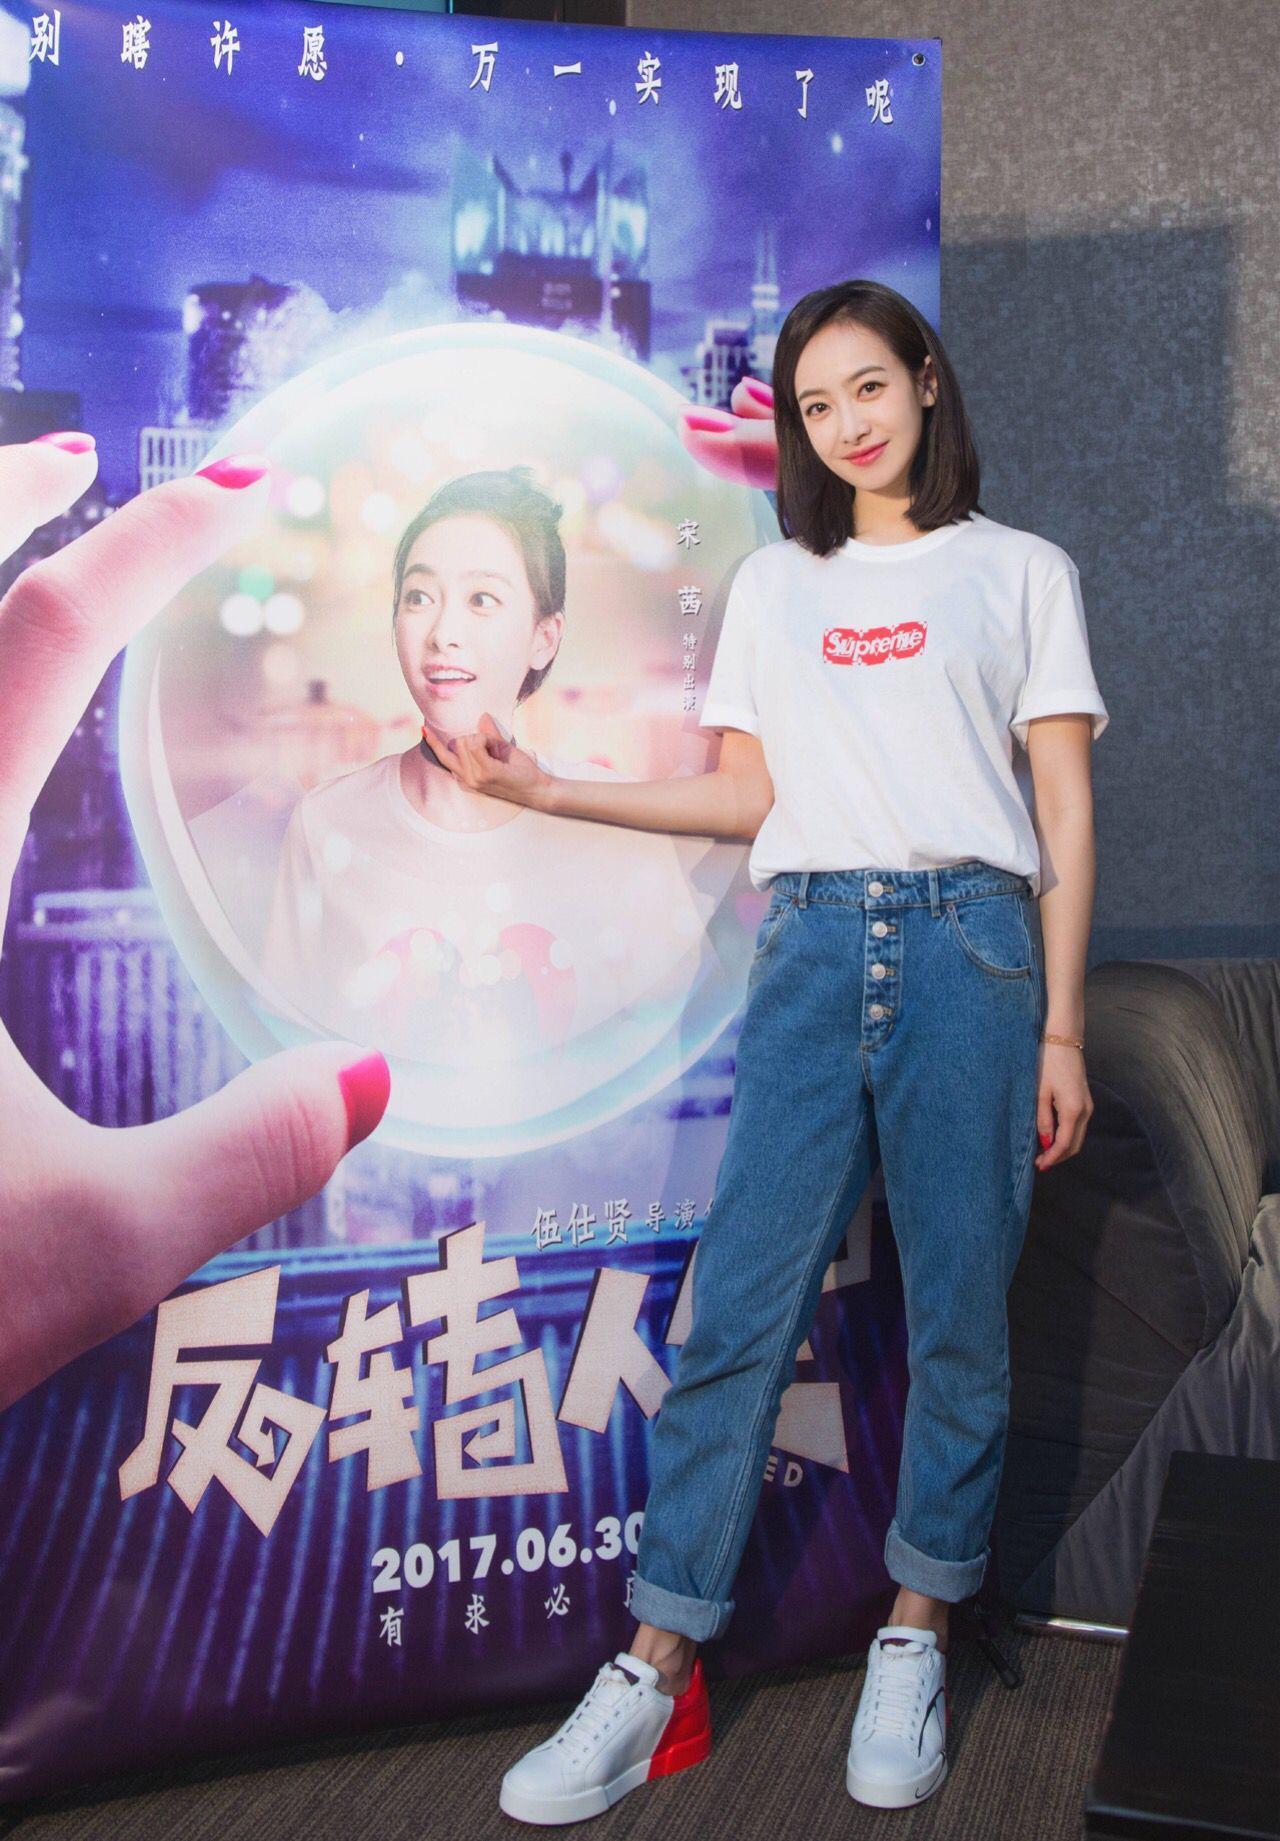 中华女性网|新年时尚之总结篇,且看宋茜的穿搭,够我们美一年了